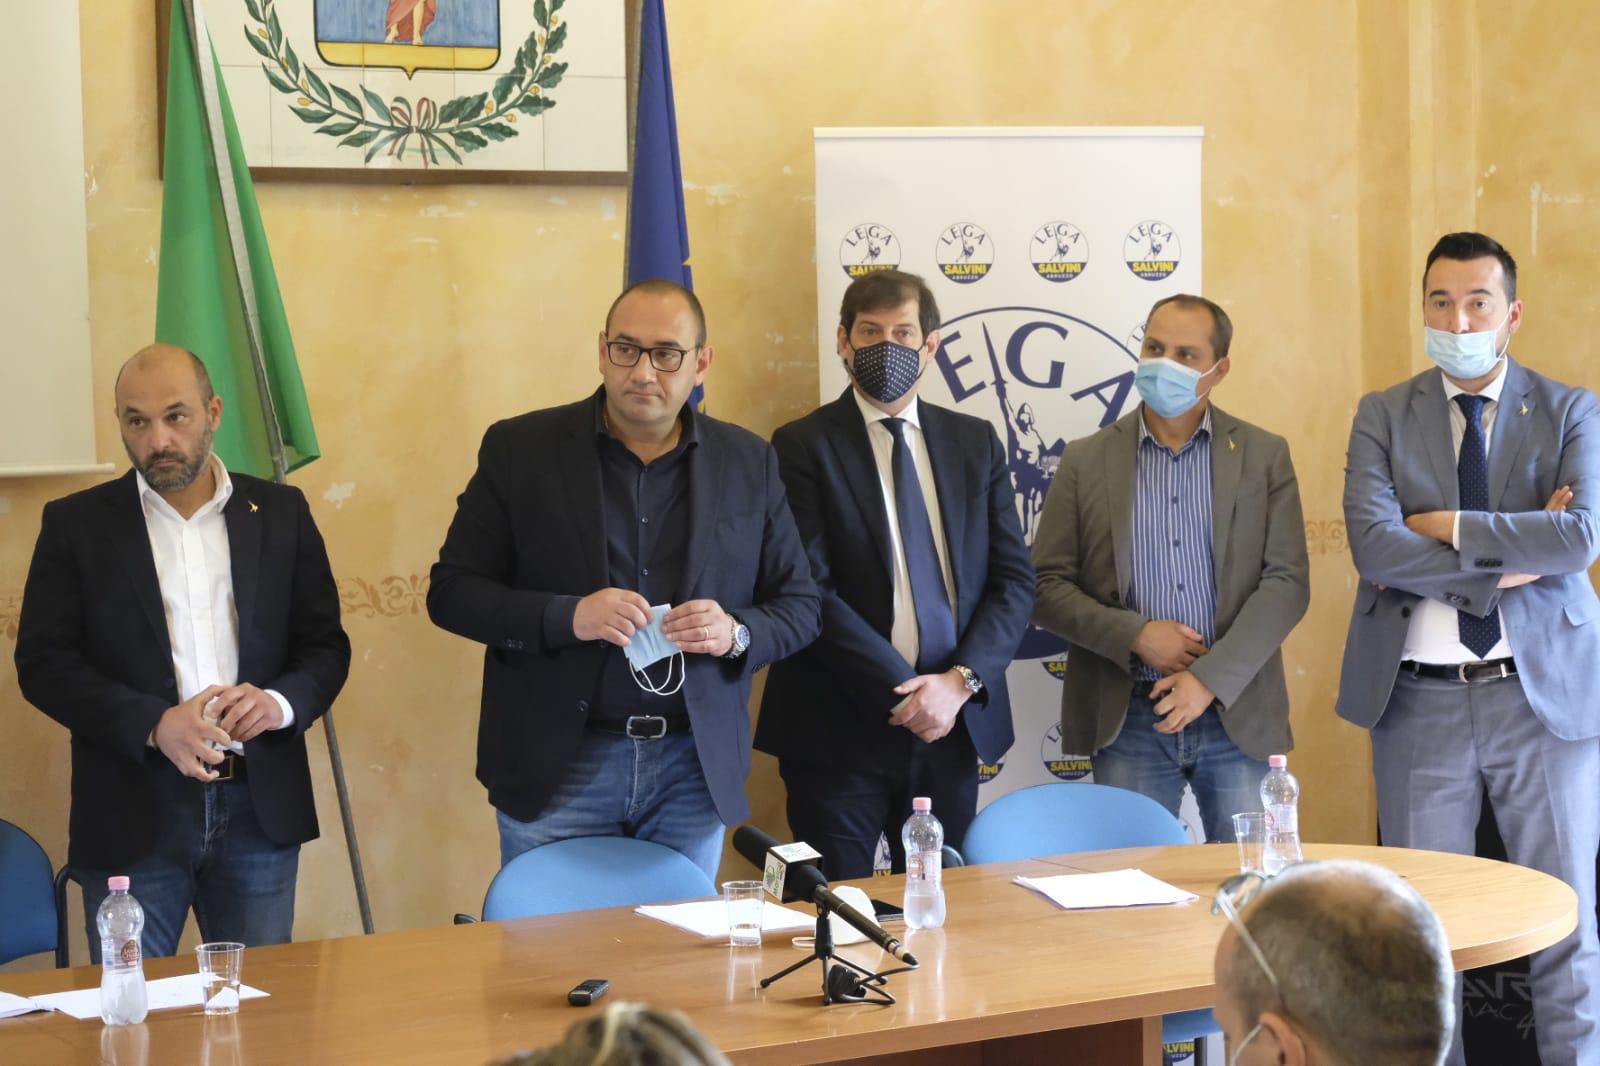 Dopo il lancio di Salvini all'Aquila, i vertici della Lega Abruzzo incoronano Tiziano Genovesi come candidato sindaco di Avezzano